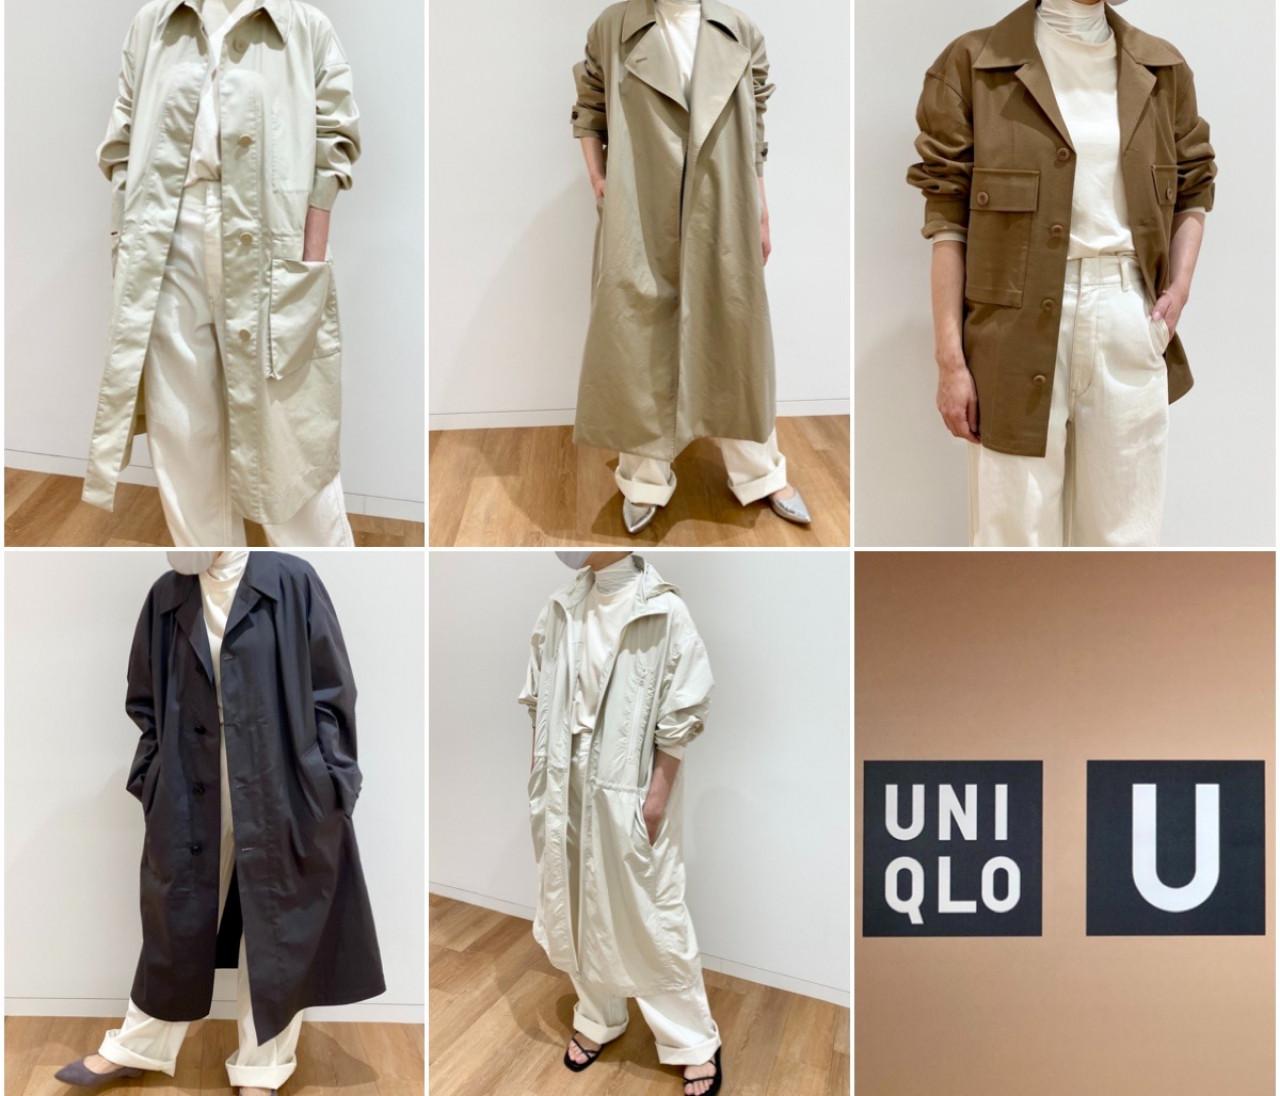 【ユニクロ ユー(Uniqlo U)2021春夏最新コレクション】完売必至スプリングコート5選試着レポート